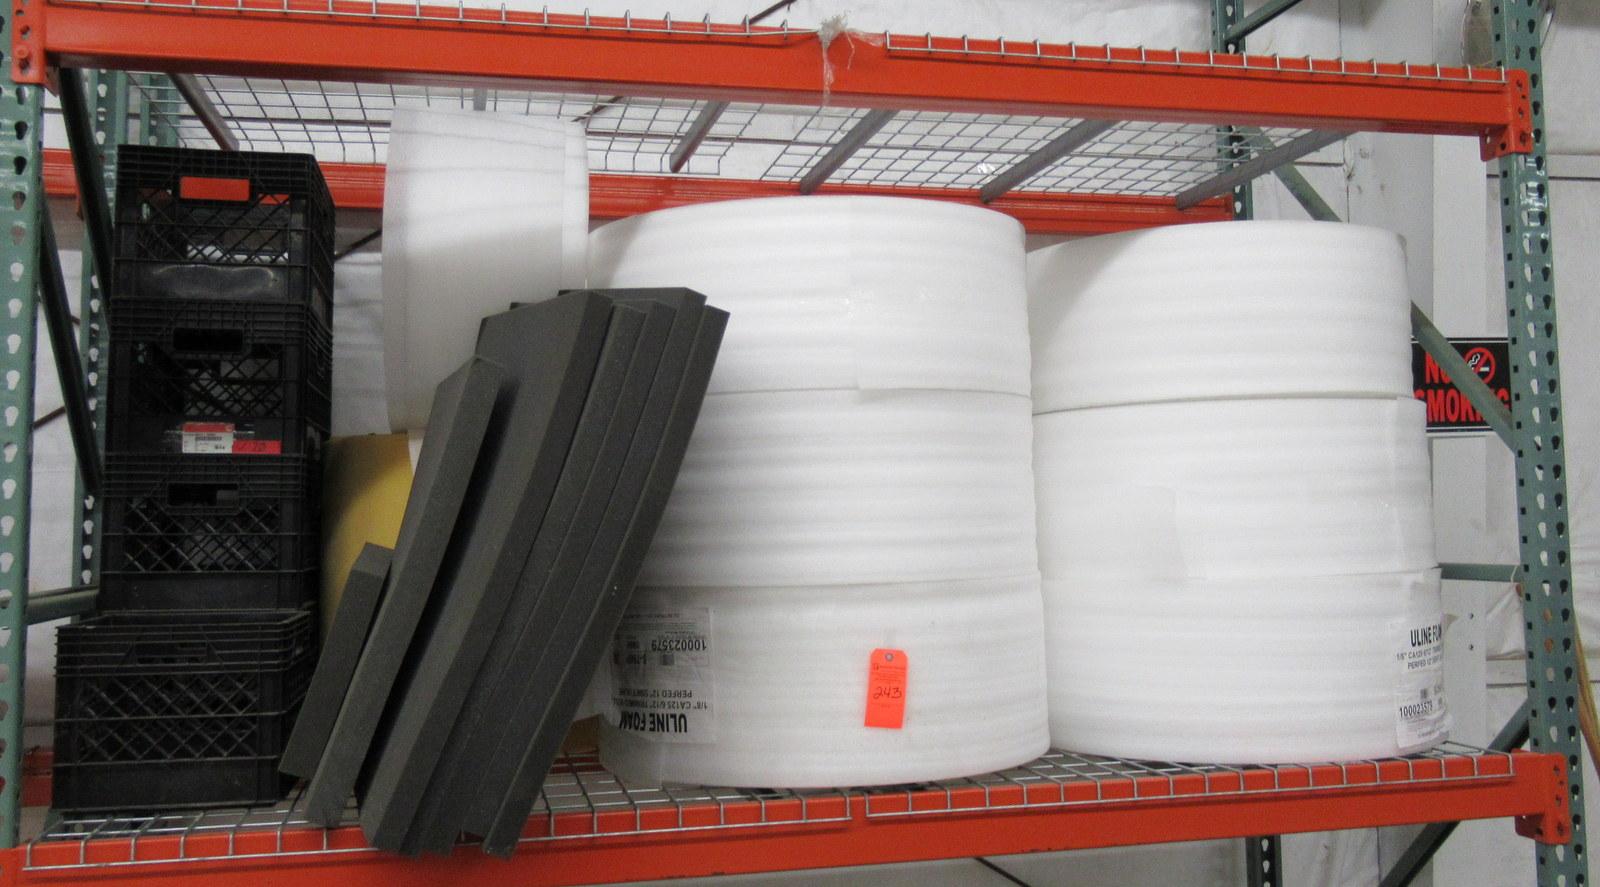 Lot 243 - Uline Foam Rolls, Foam Boards, and Baskets